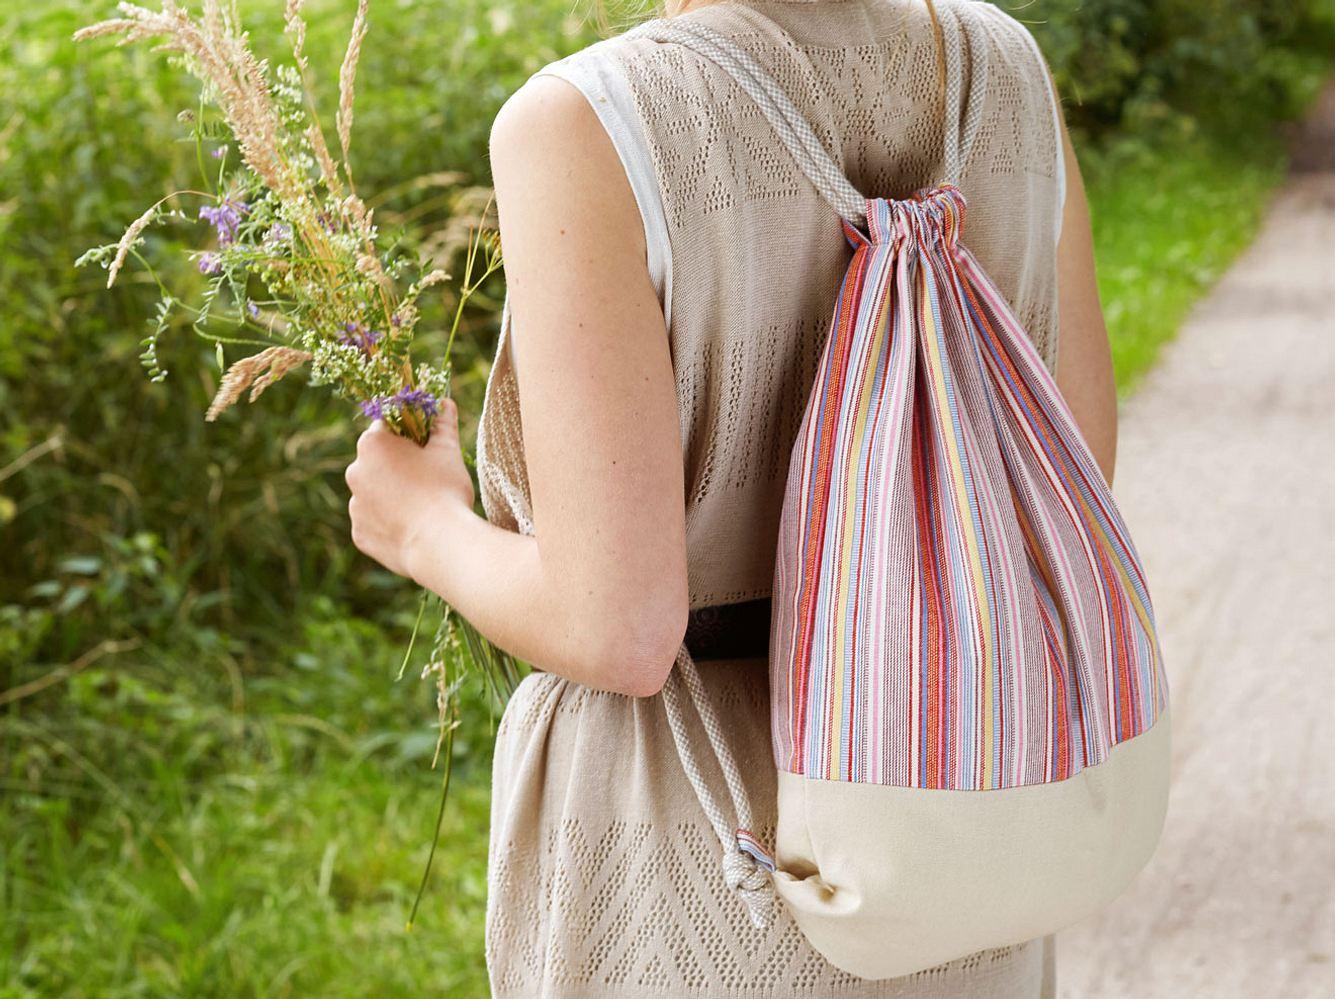 Übrigens: du kannst diesen Rucksack aus diversen Stoffen nähen, probierdoch mal Jeans, Jersey oder Kunstleder aus!